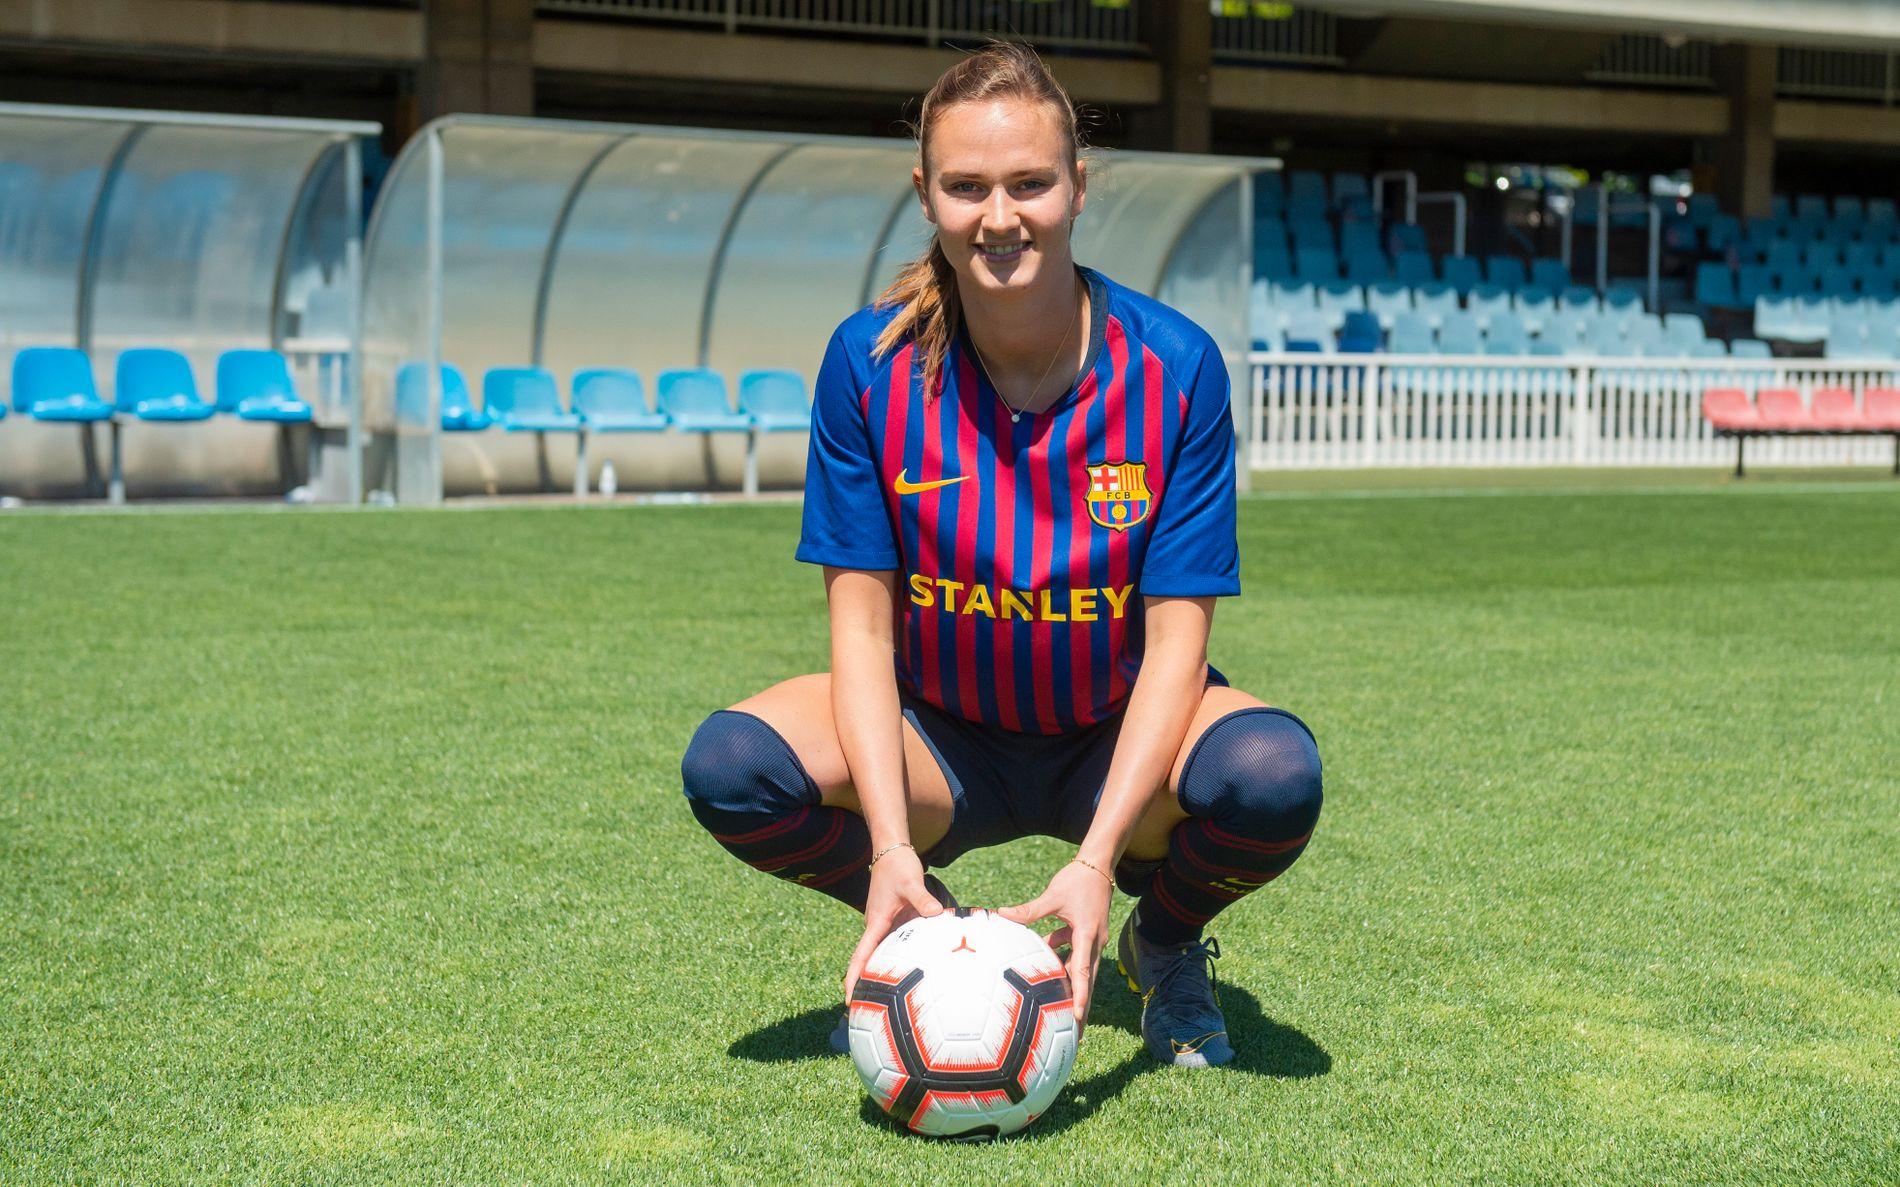 Graham Hansen ser frem til å bære den legendariske Barca-drakten på jobb.